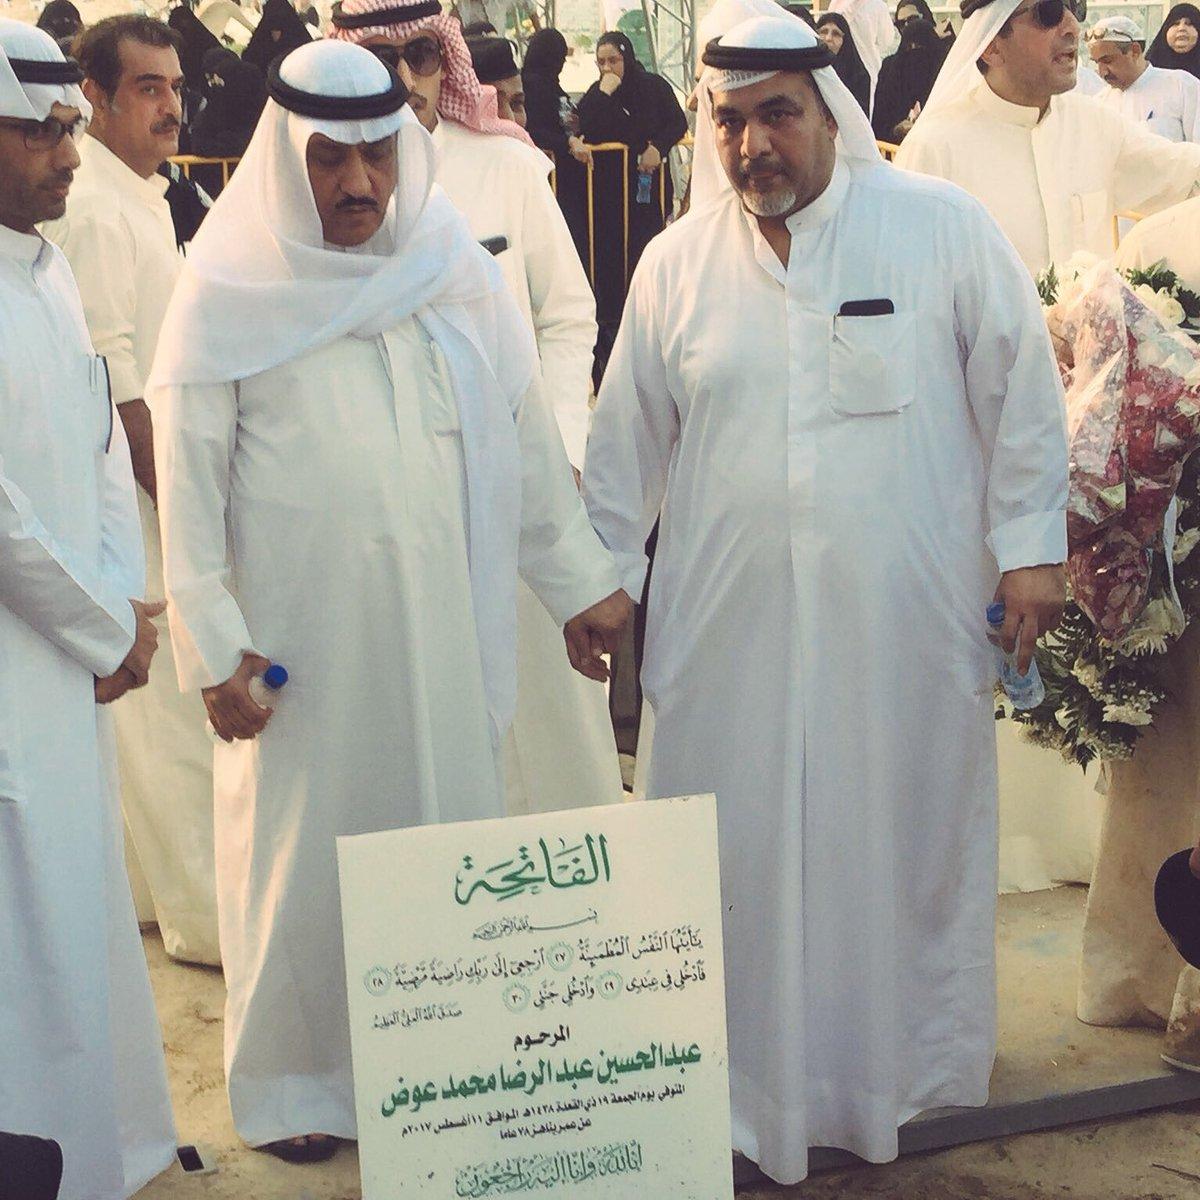 #الكويت النائب السابق مسلم البراك يقرأ الفاتحة على قبر المرحوم #عبدالح...